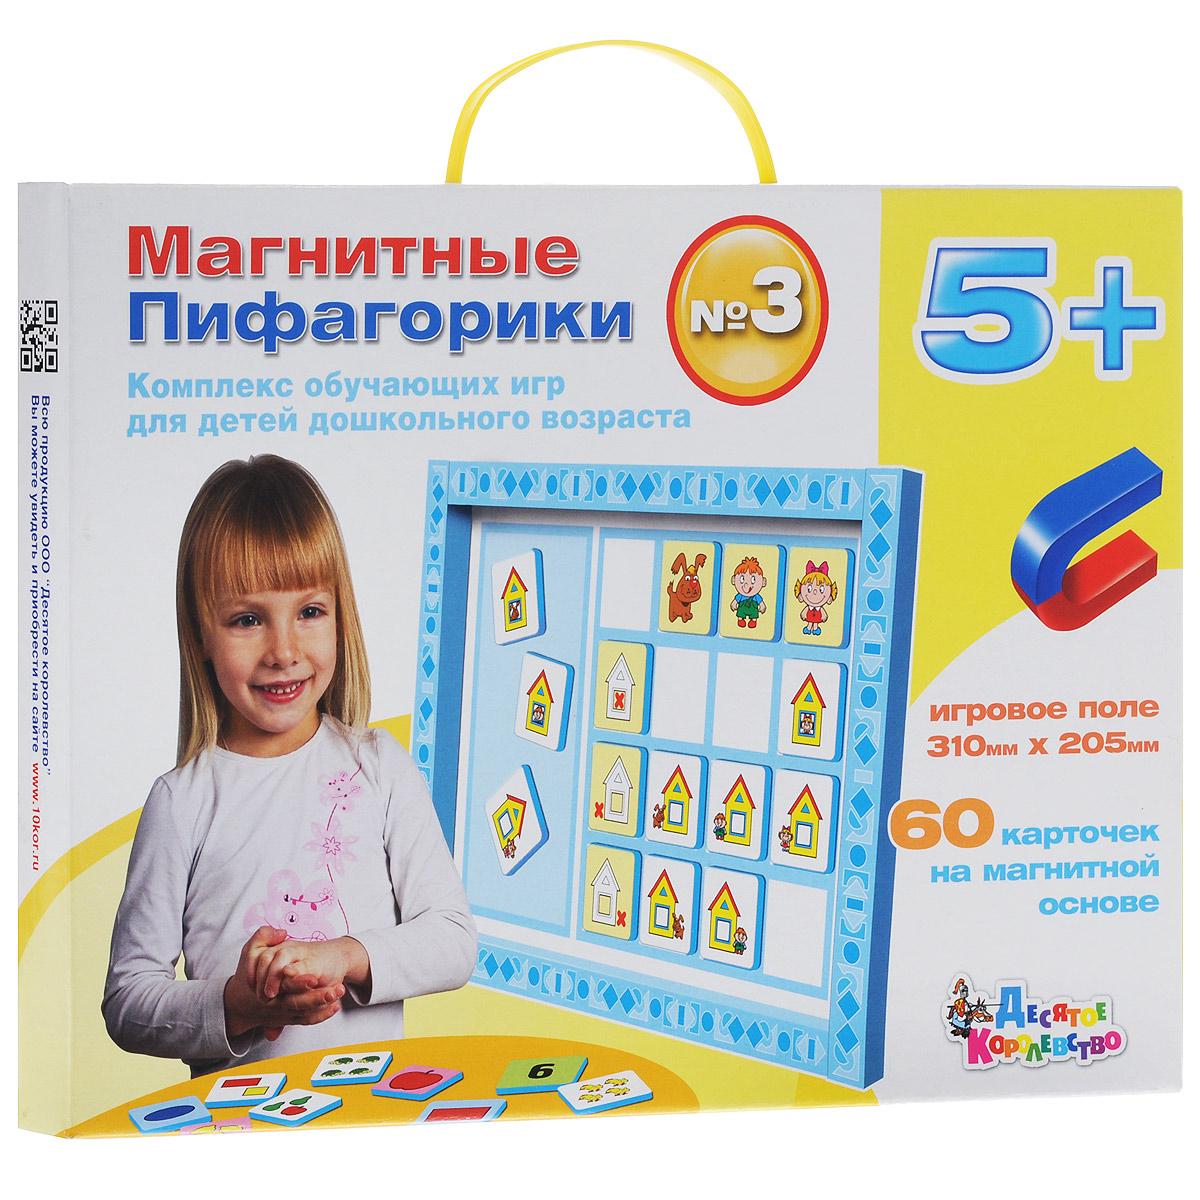 Десятое королевство Обучающие карточки Магнитные пифагорики №3 развивающие и обучающие десятое королевство магнитные пифагорики n1